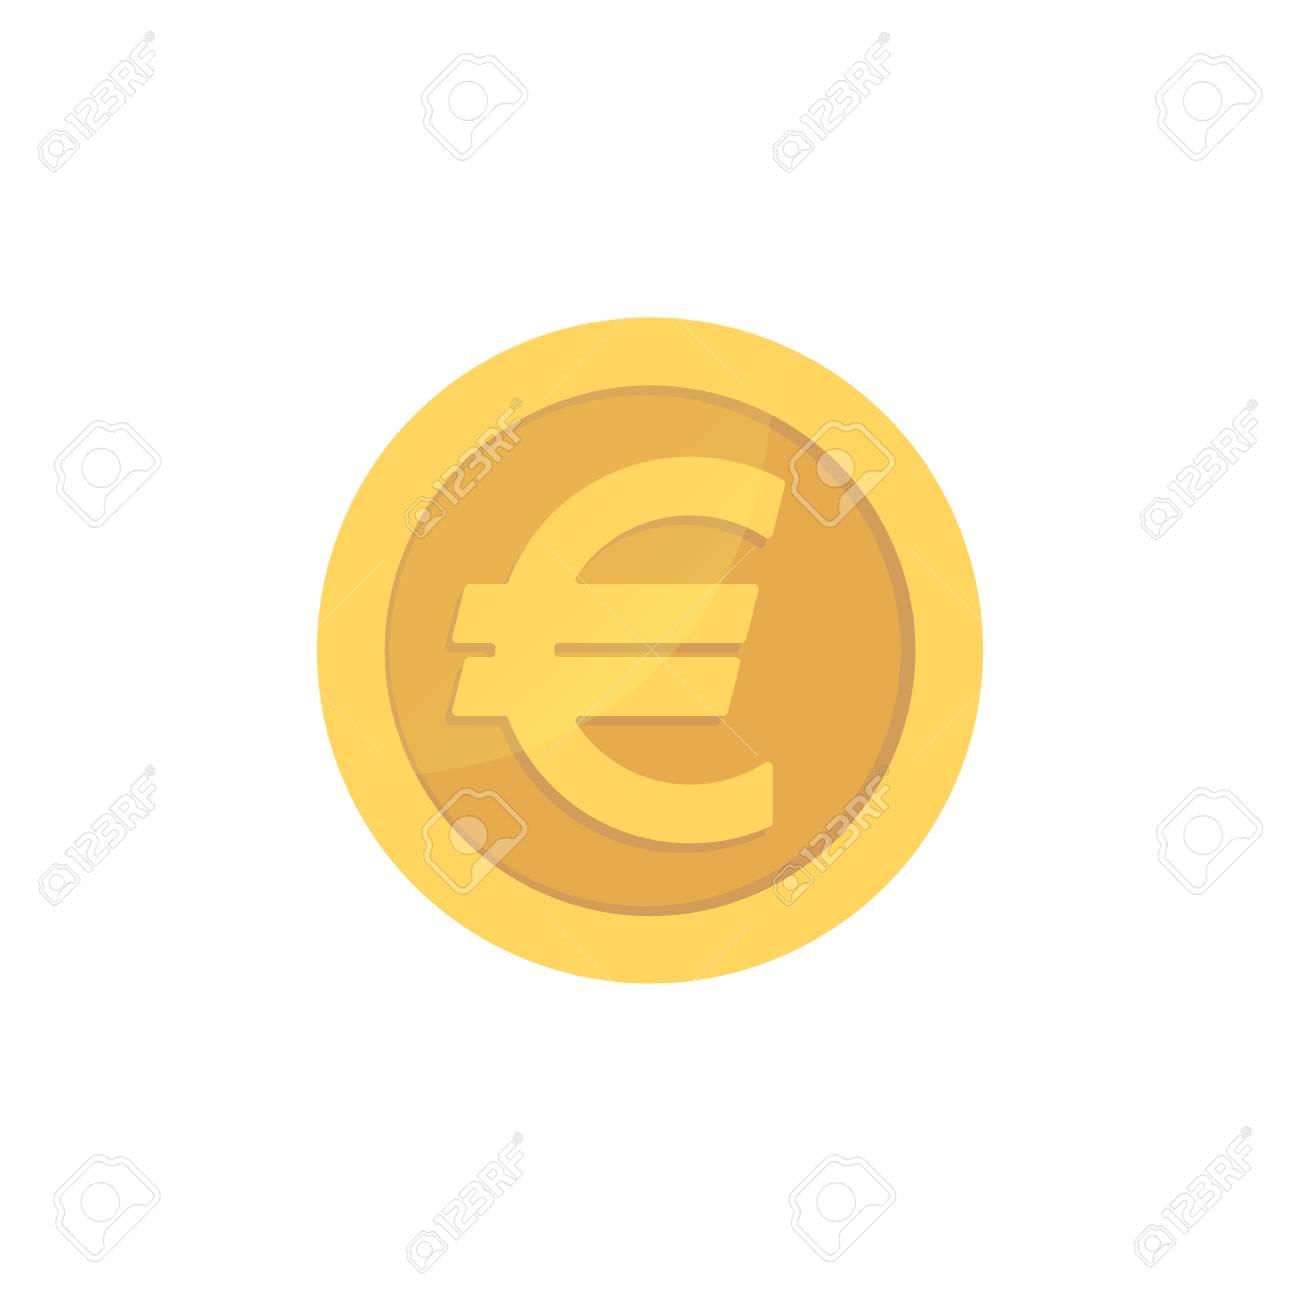 Golden glossy euro coin. Gold pictograph euro shiny coin. - 100505454